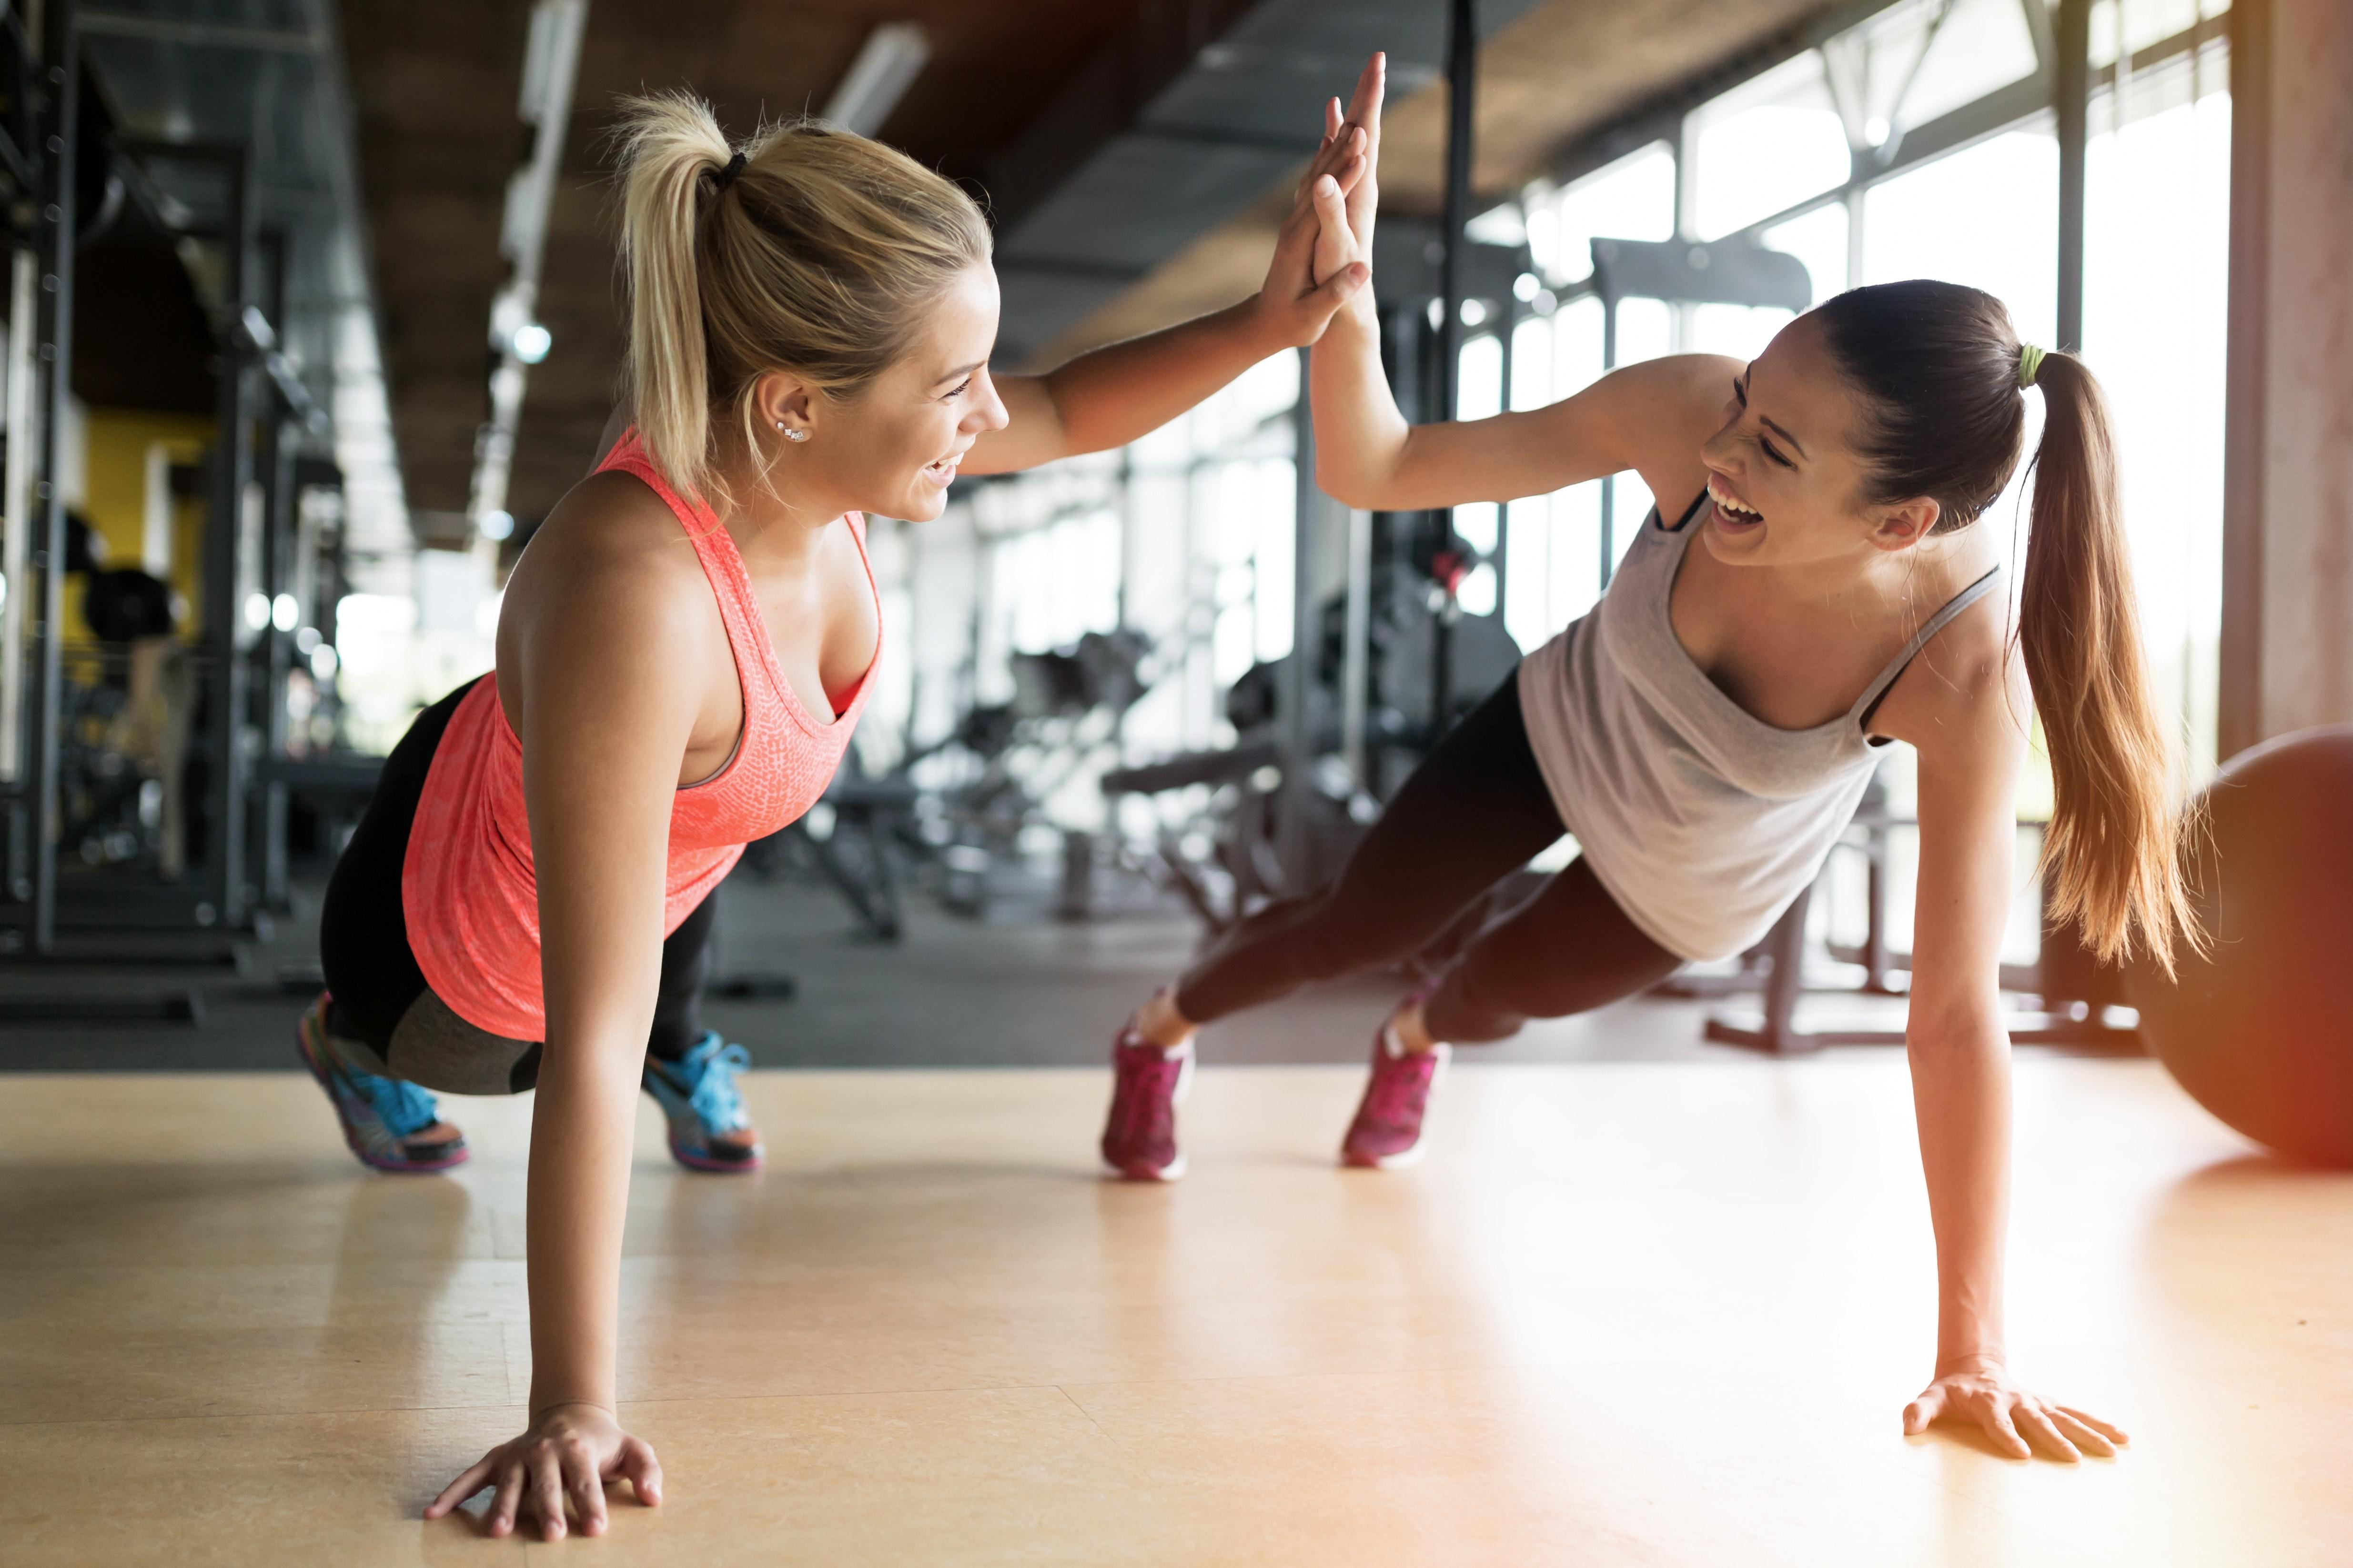 styrketrening for å gå ned i vekt